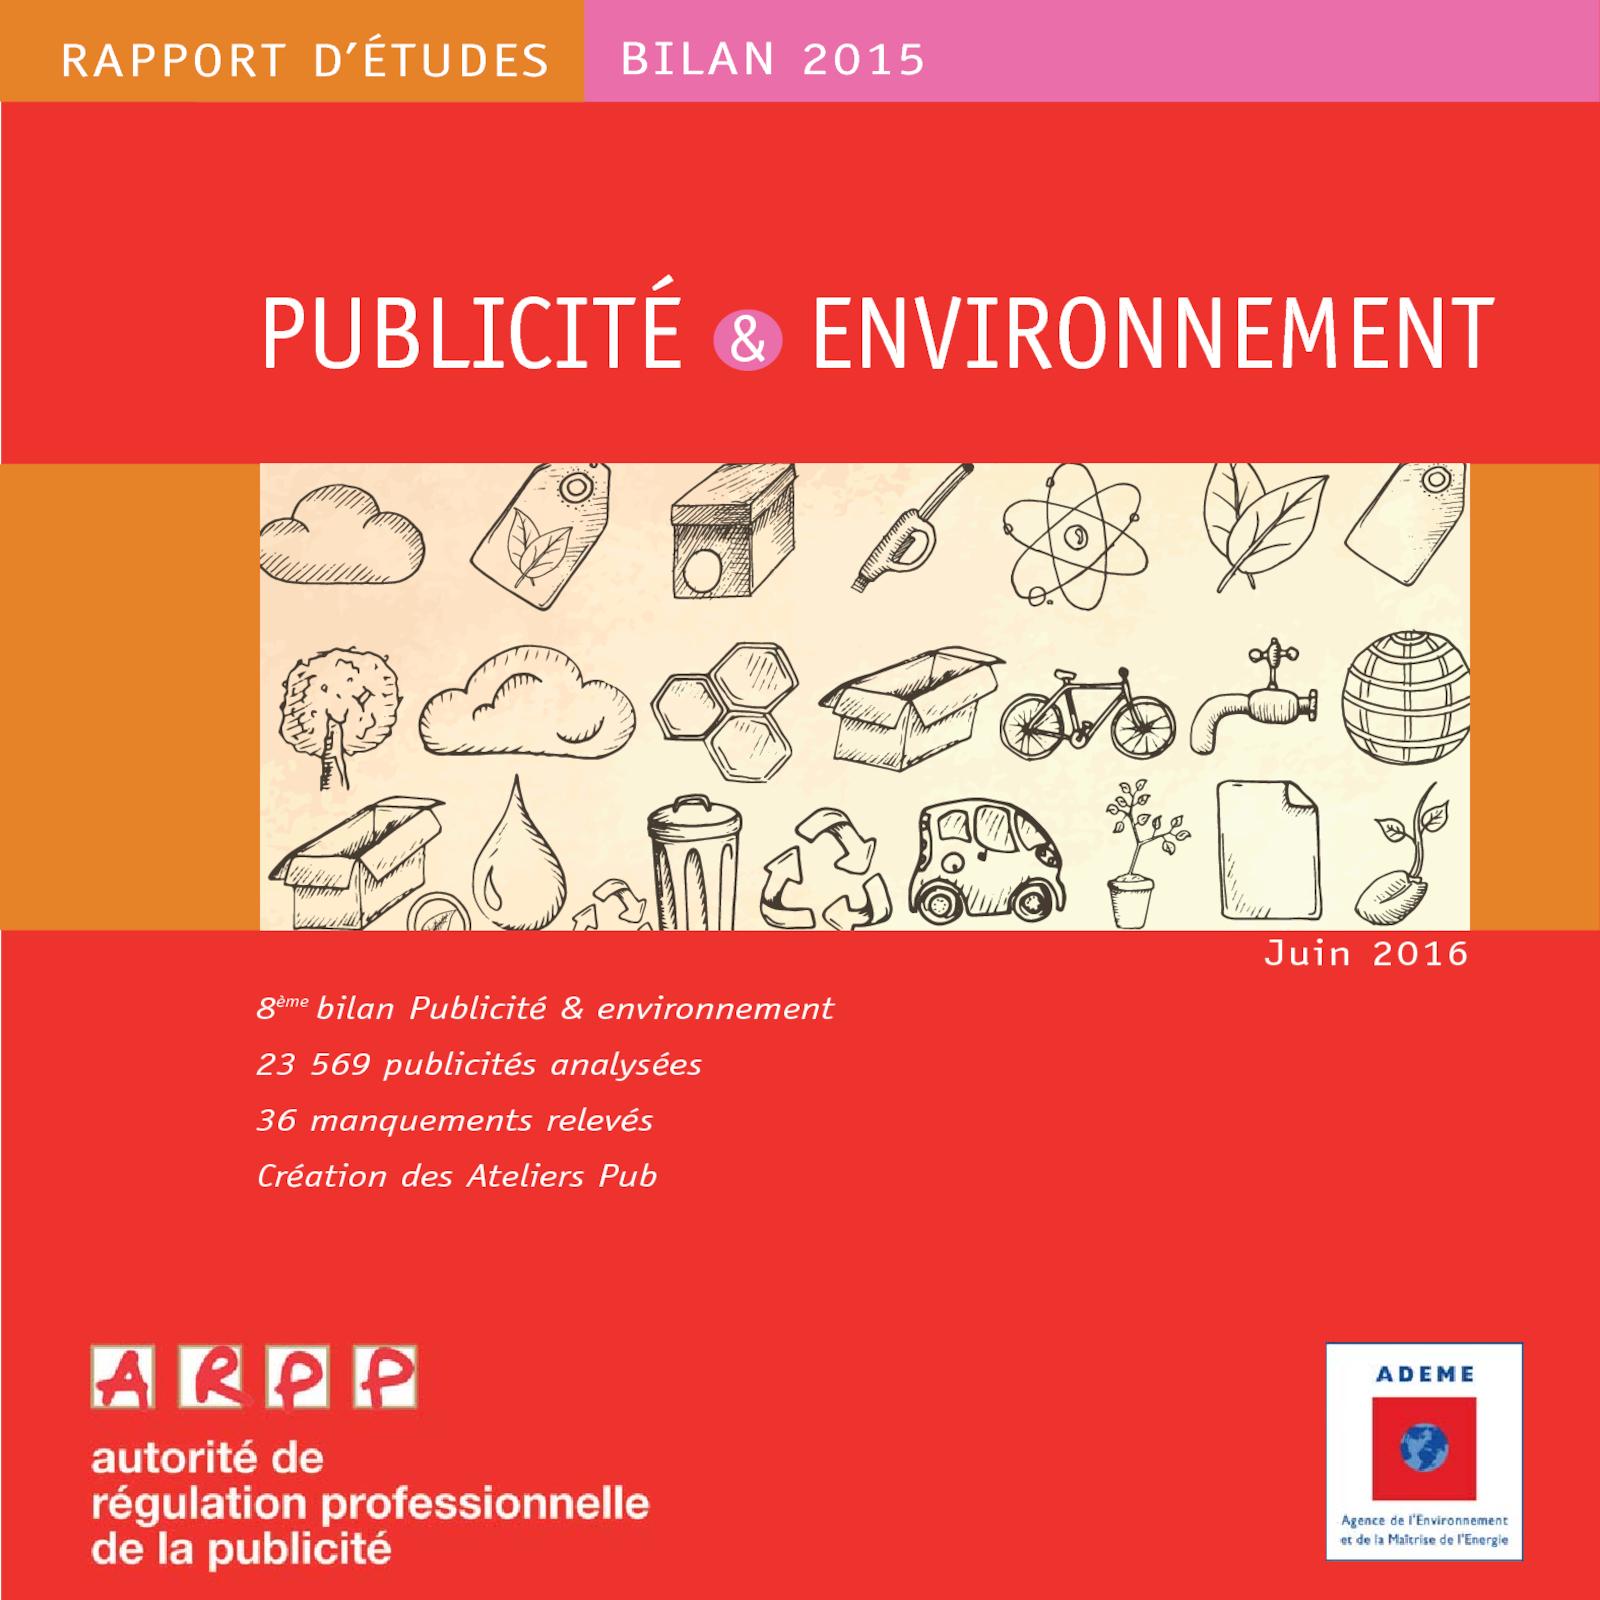 Publicité et environnement 2015